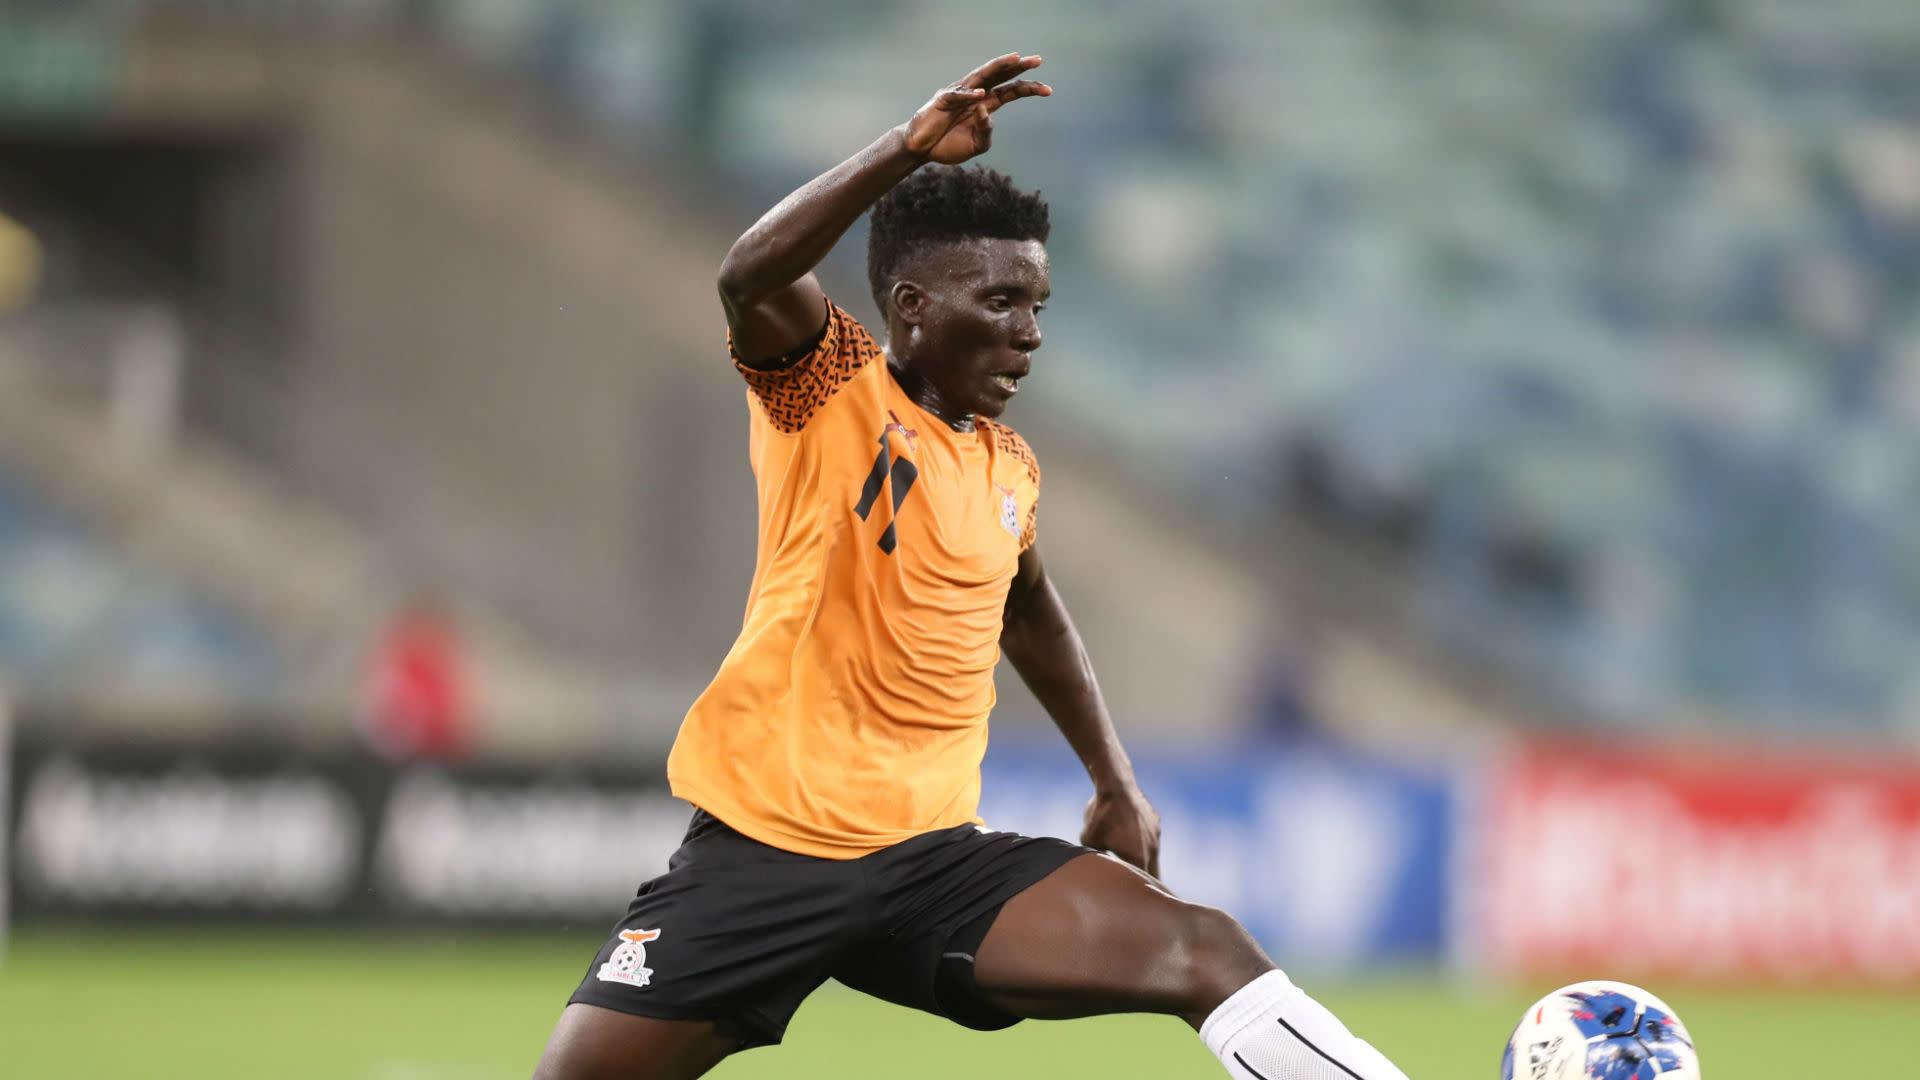 Orlando Pirates sign Zambian winger Austin Muwowo